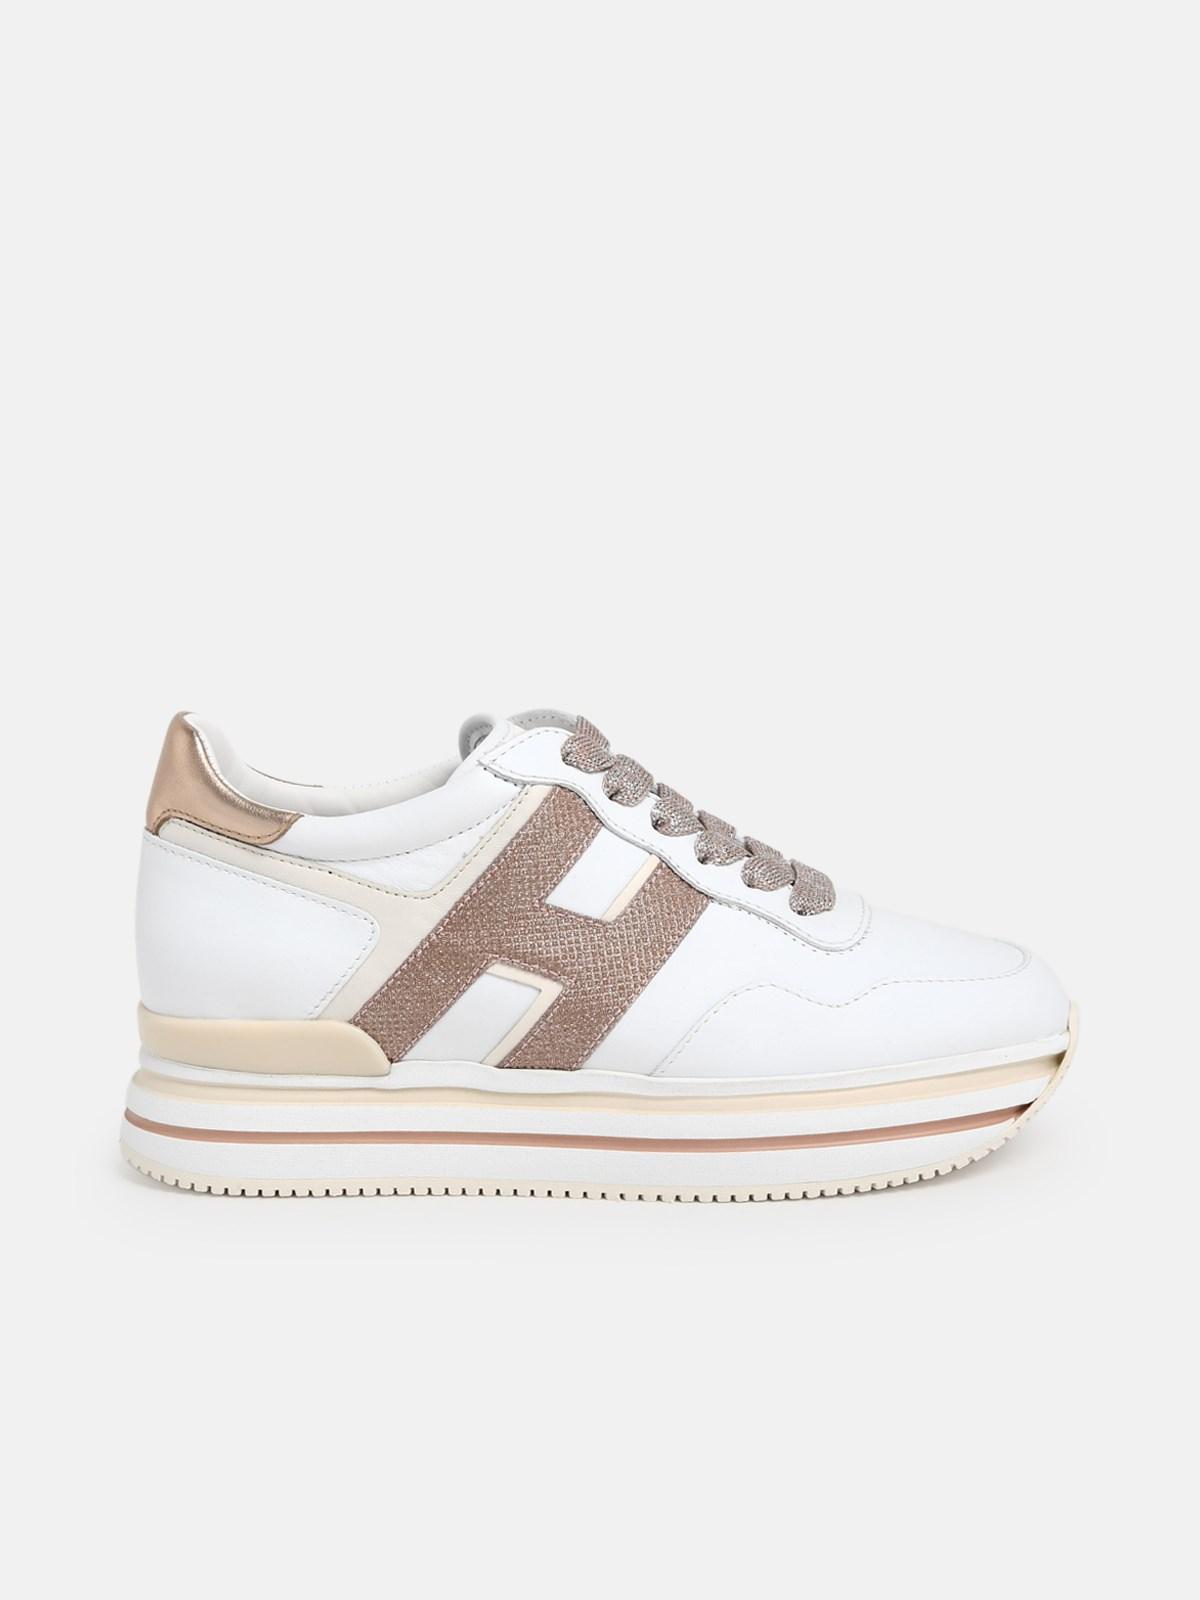 Hogan Sneakers SNEAKER H483 BIANCA